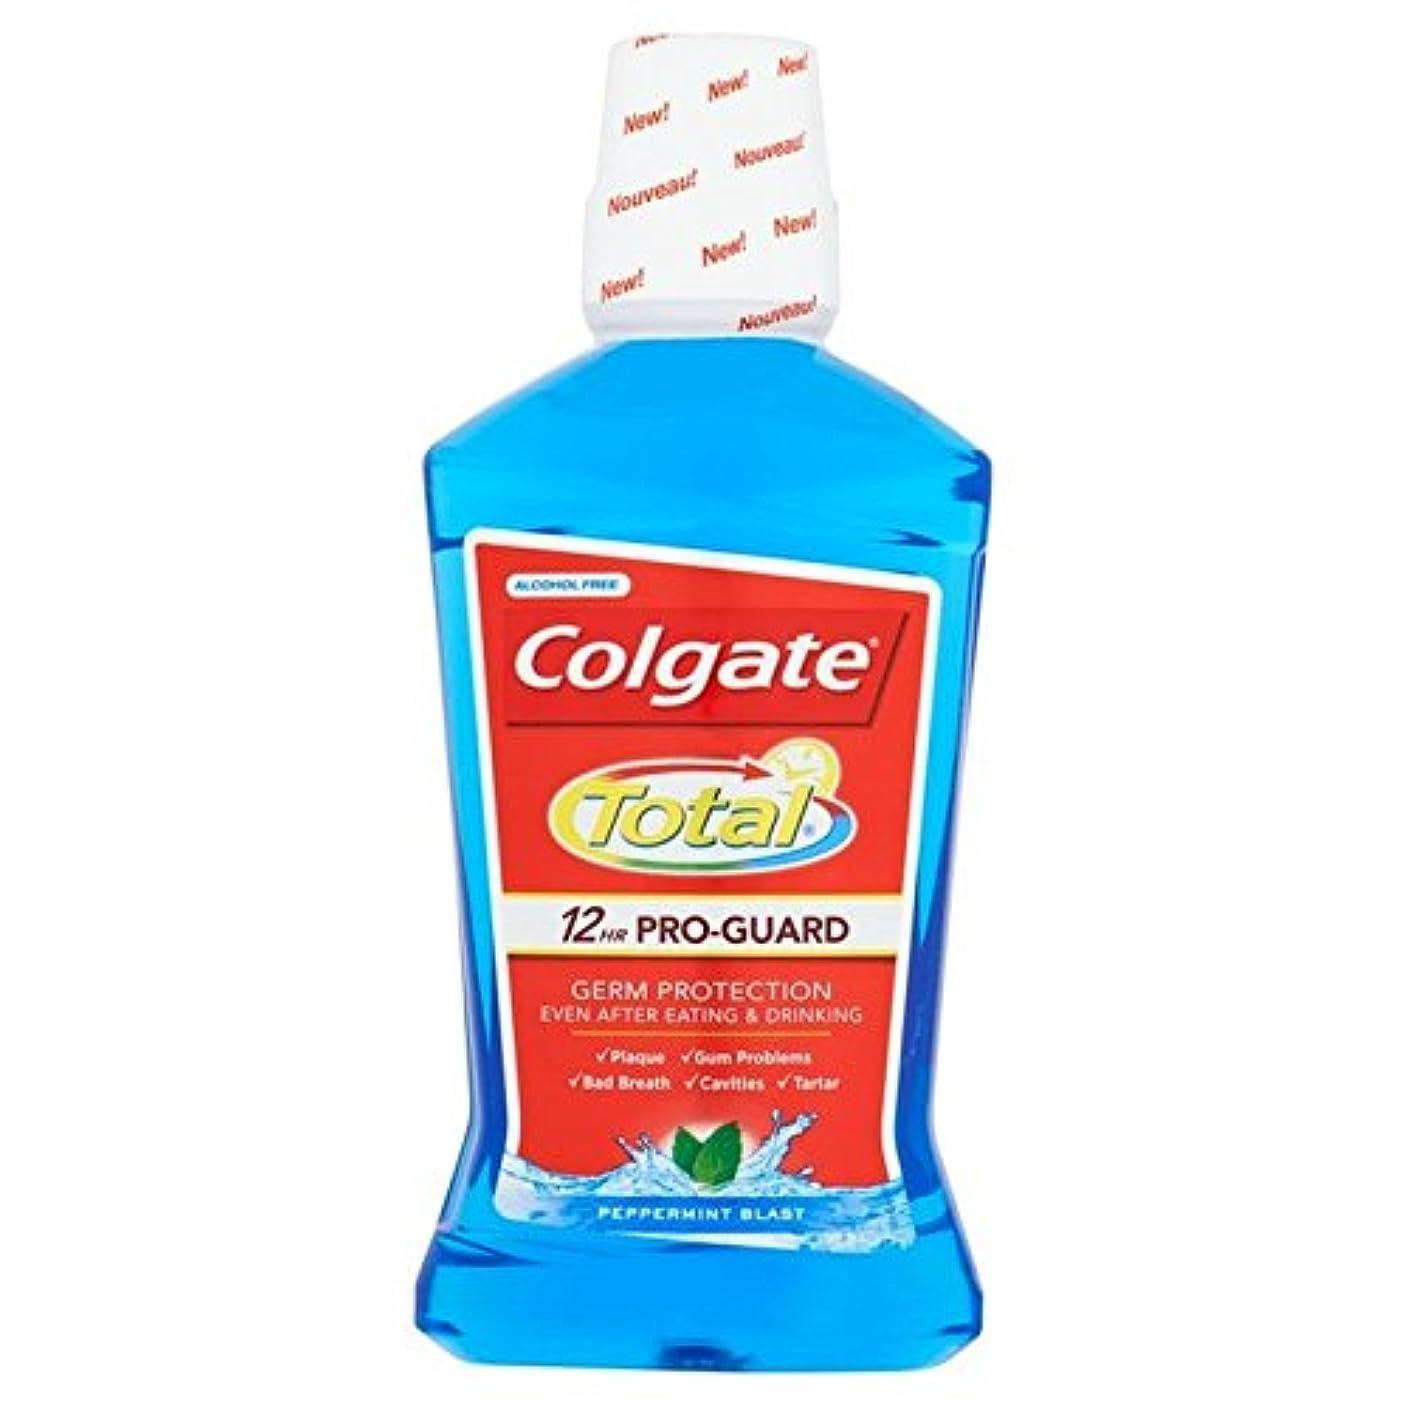 合併症爆風エキスコルゲートトータル高度なブルーマウスウォッシュ500ミリリットル x4 - Colgate Total Advanced Blue Mouthwash 500ml (Pack of 4) [並行輸入品]